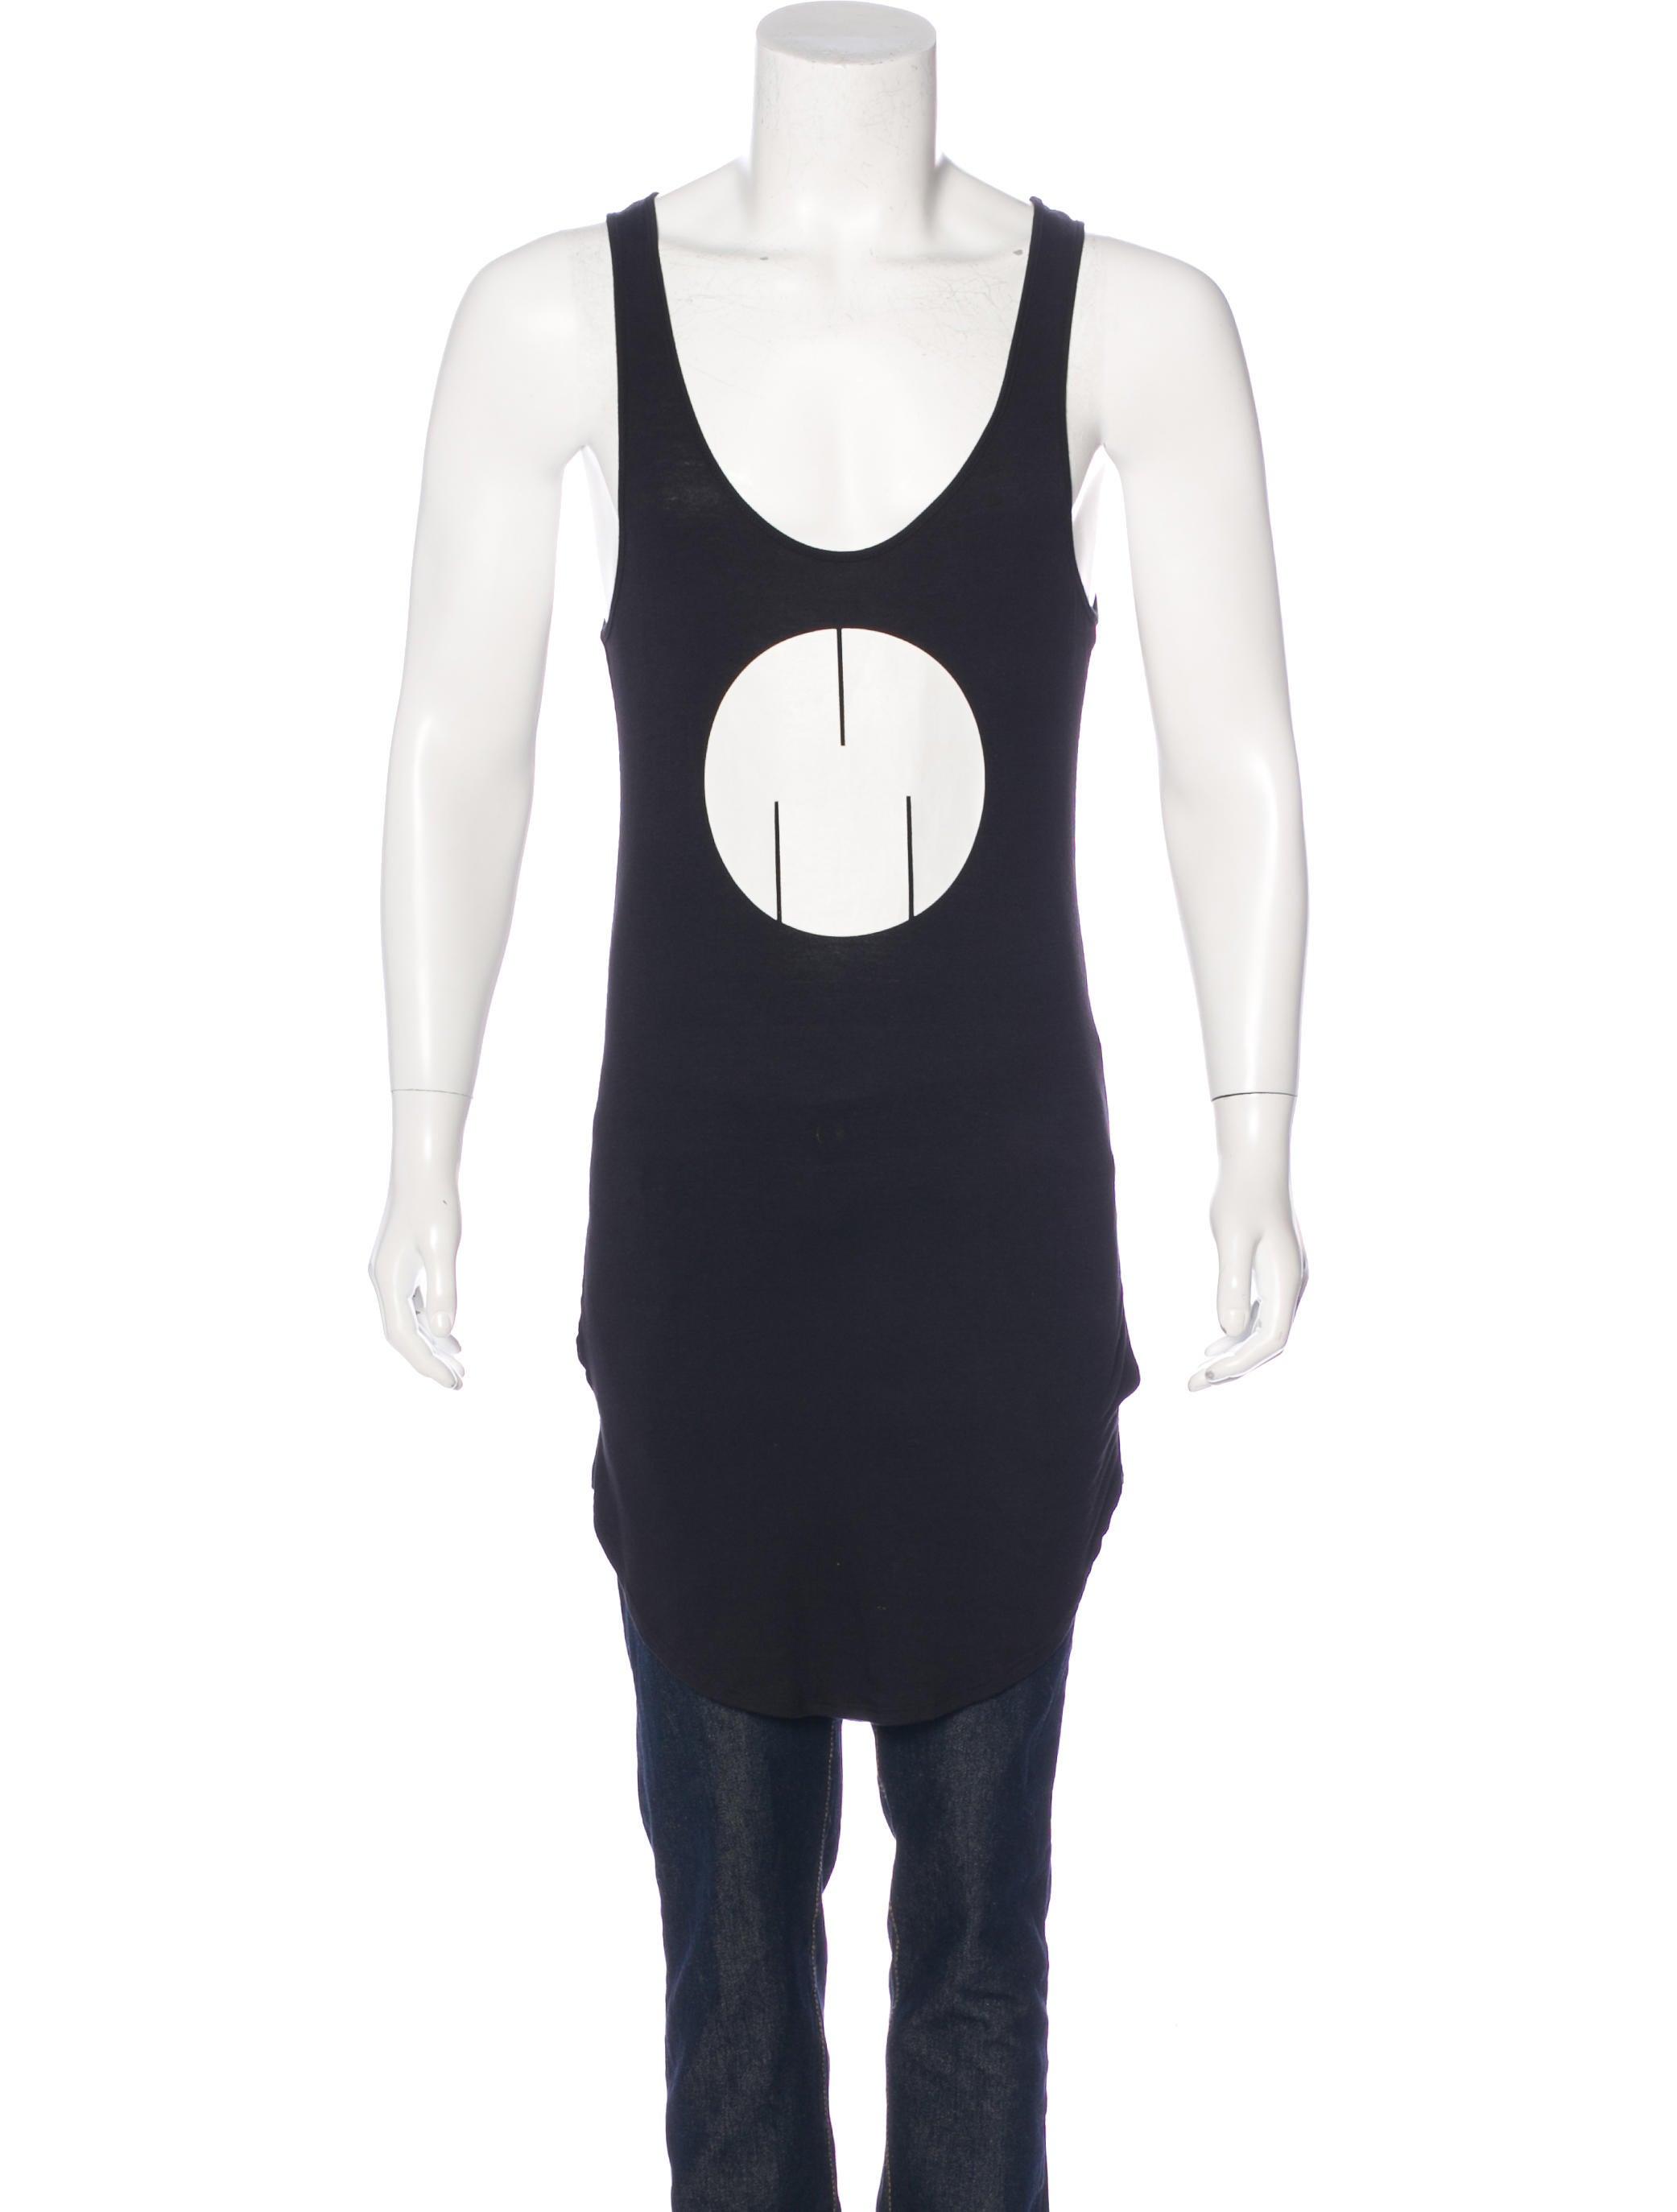 msftsrep longline logo tank top - clothing